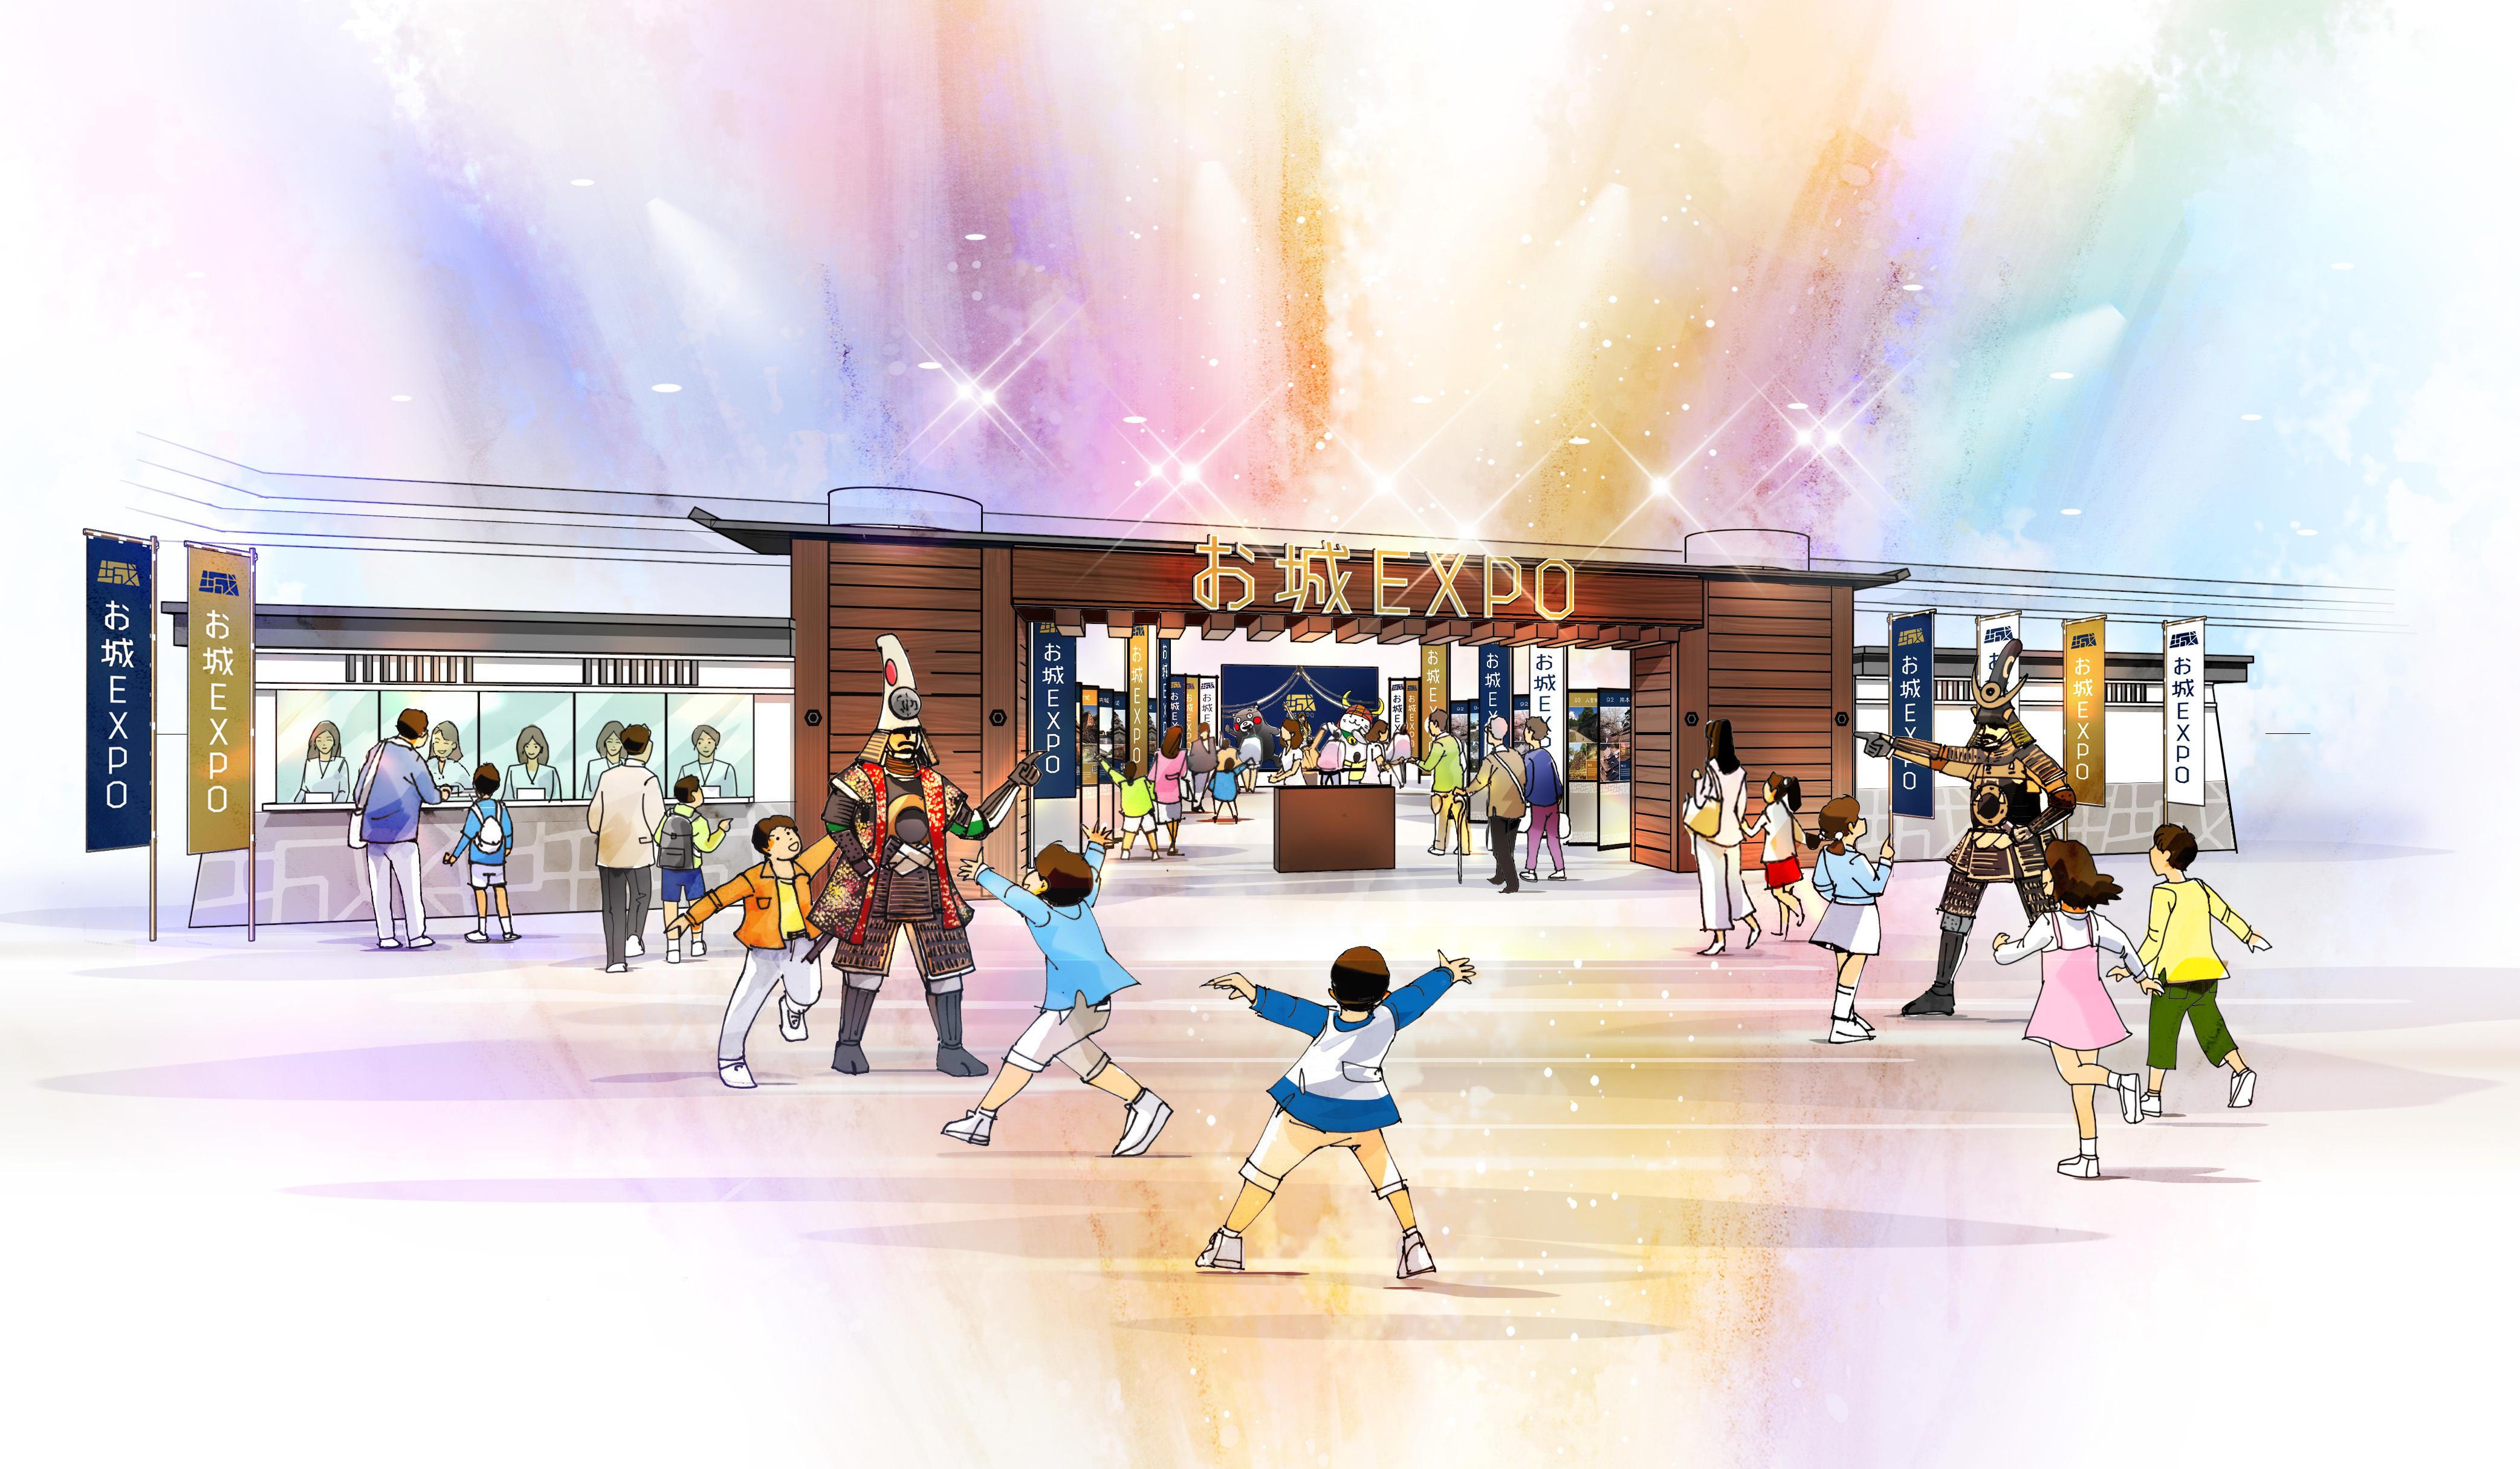 『お城EXPO 2016』イメージ